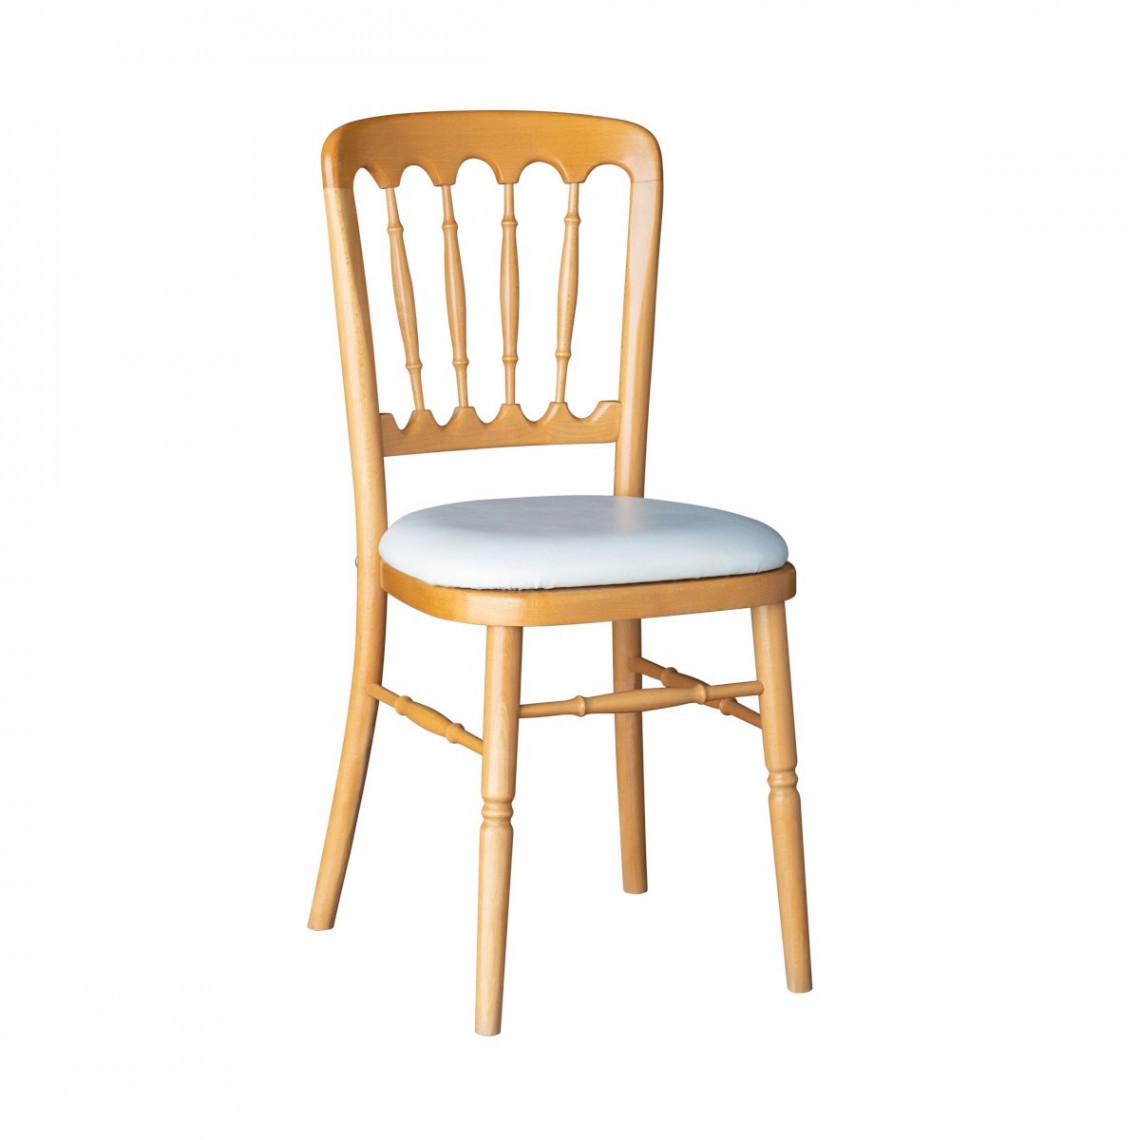 Chaise Scala en bois naturel (assise à choisir en plus)